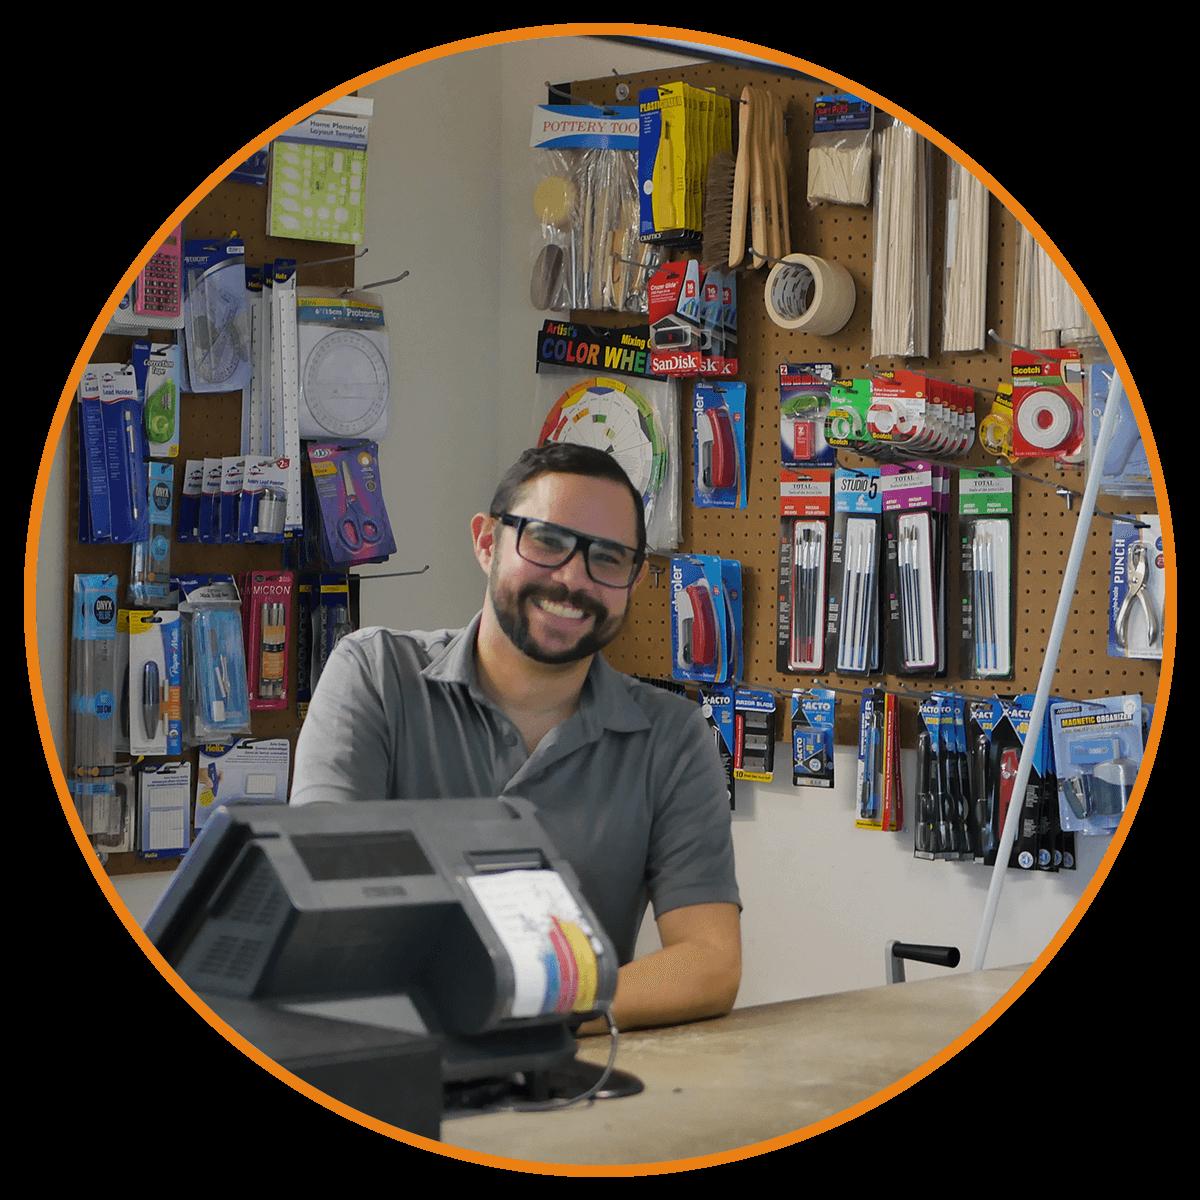 NOSOTROS - Fundada en el 2007 por el Arquitecto en Entrenamiento Edwin S. Gómez Vega. Esquicio Arqshop es una tienda dedicada a la venta de materiales de arquitectura, ingeniería, delineación arquitectónica, school supplies entre otras. En adición ofrecemos servicios de Laser cutter, impresión tridimensional, impresión de planos, confección de maquetas, encuadernación y fotocopias. Somos el One-Stop Shop para todos tus proyectos.